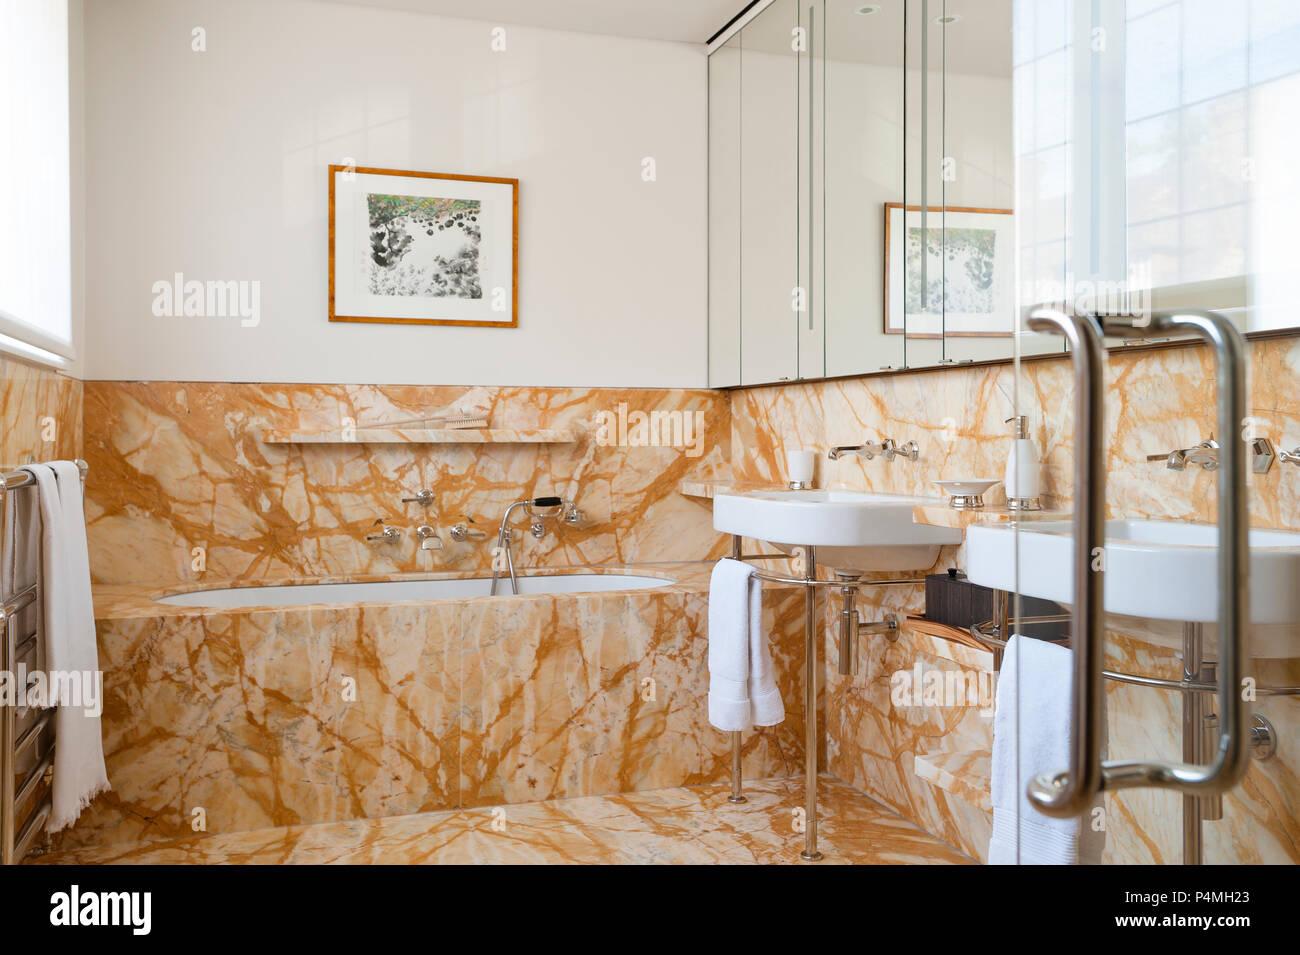 Bagno con piastrelle marrone lavoro foto immagine stock